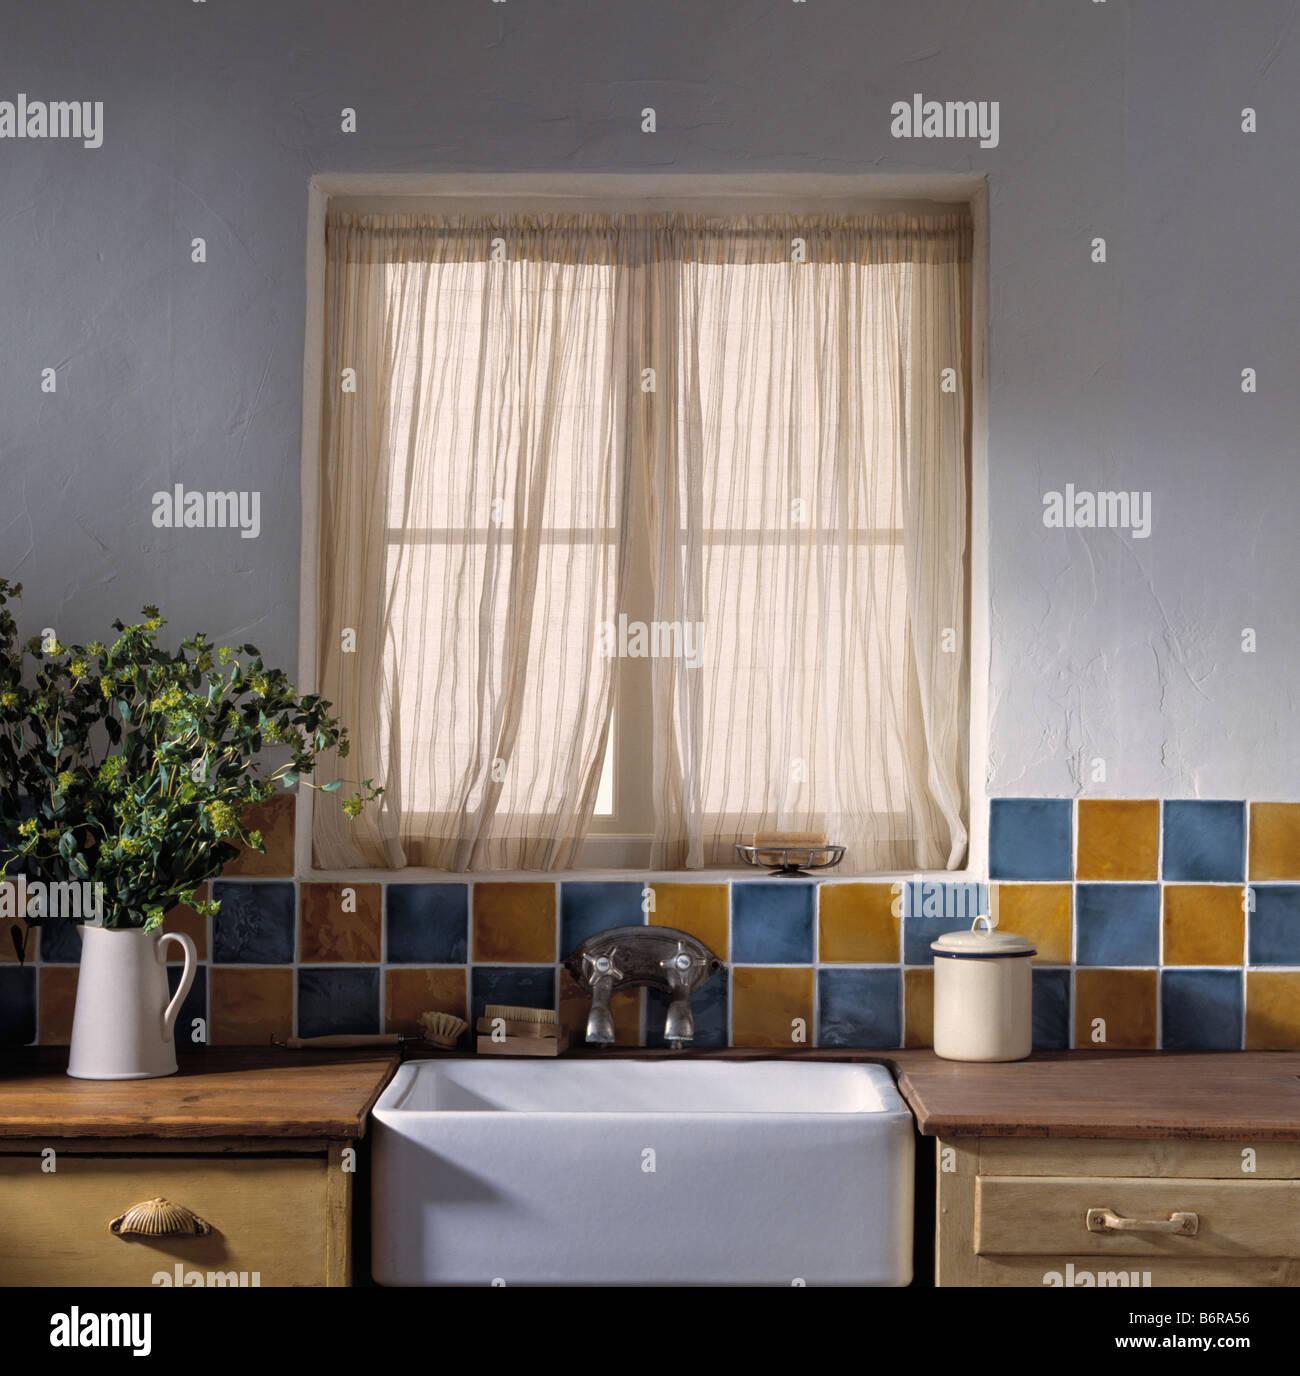 Reine Baumwolle Vorhänge am Fenster oben weißer Keramik Waschbecken ...